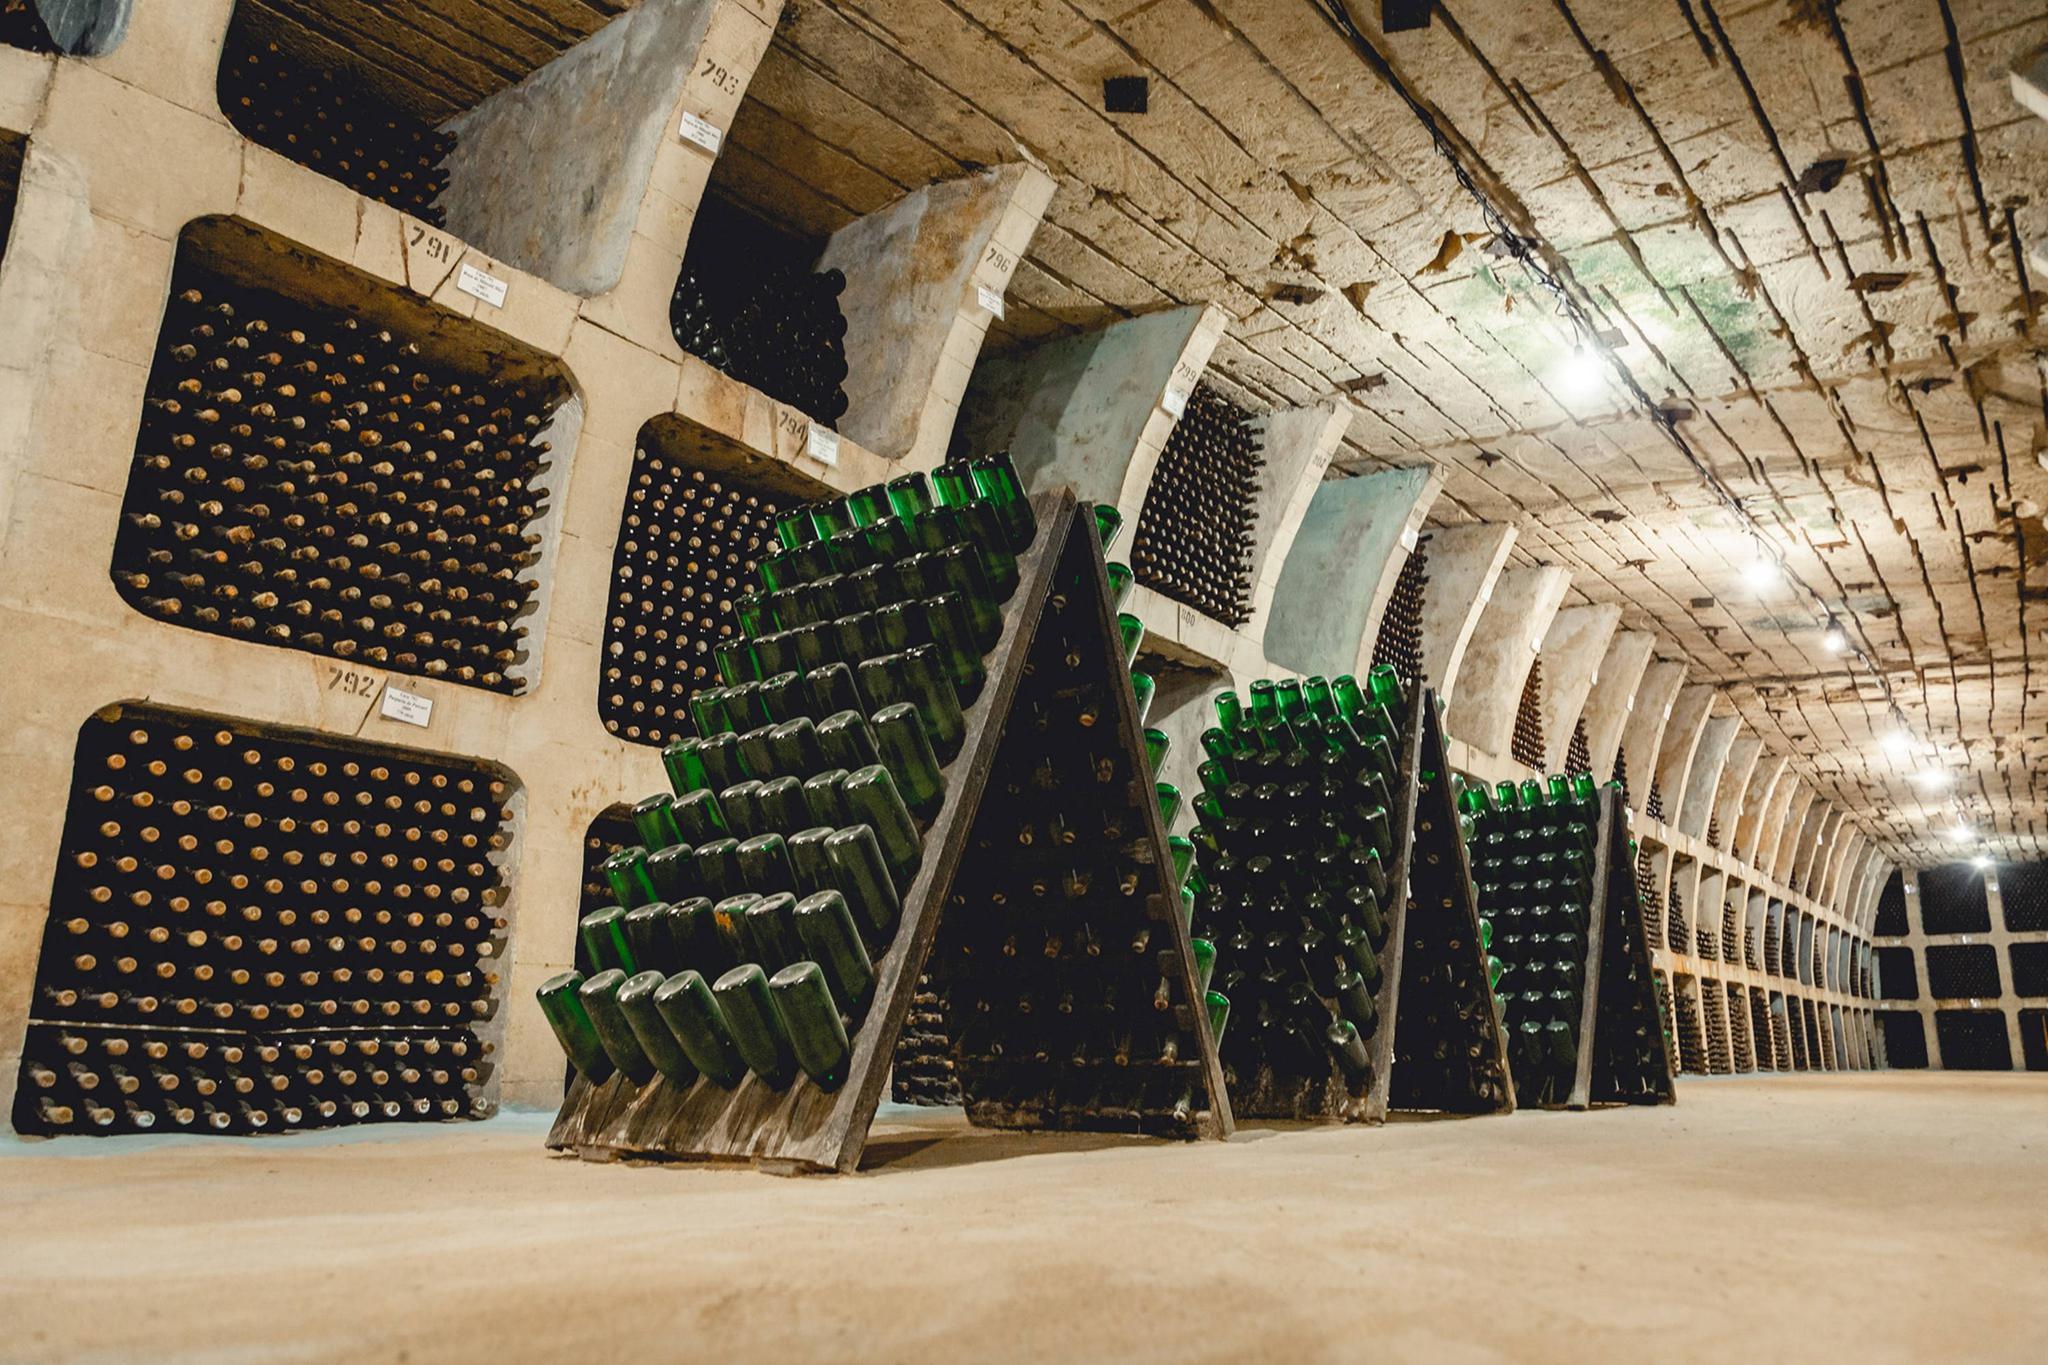 上百种复杂多变的葡萄酒香气,大神们究竟是怎么闻出来的?!